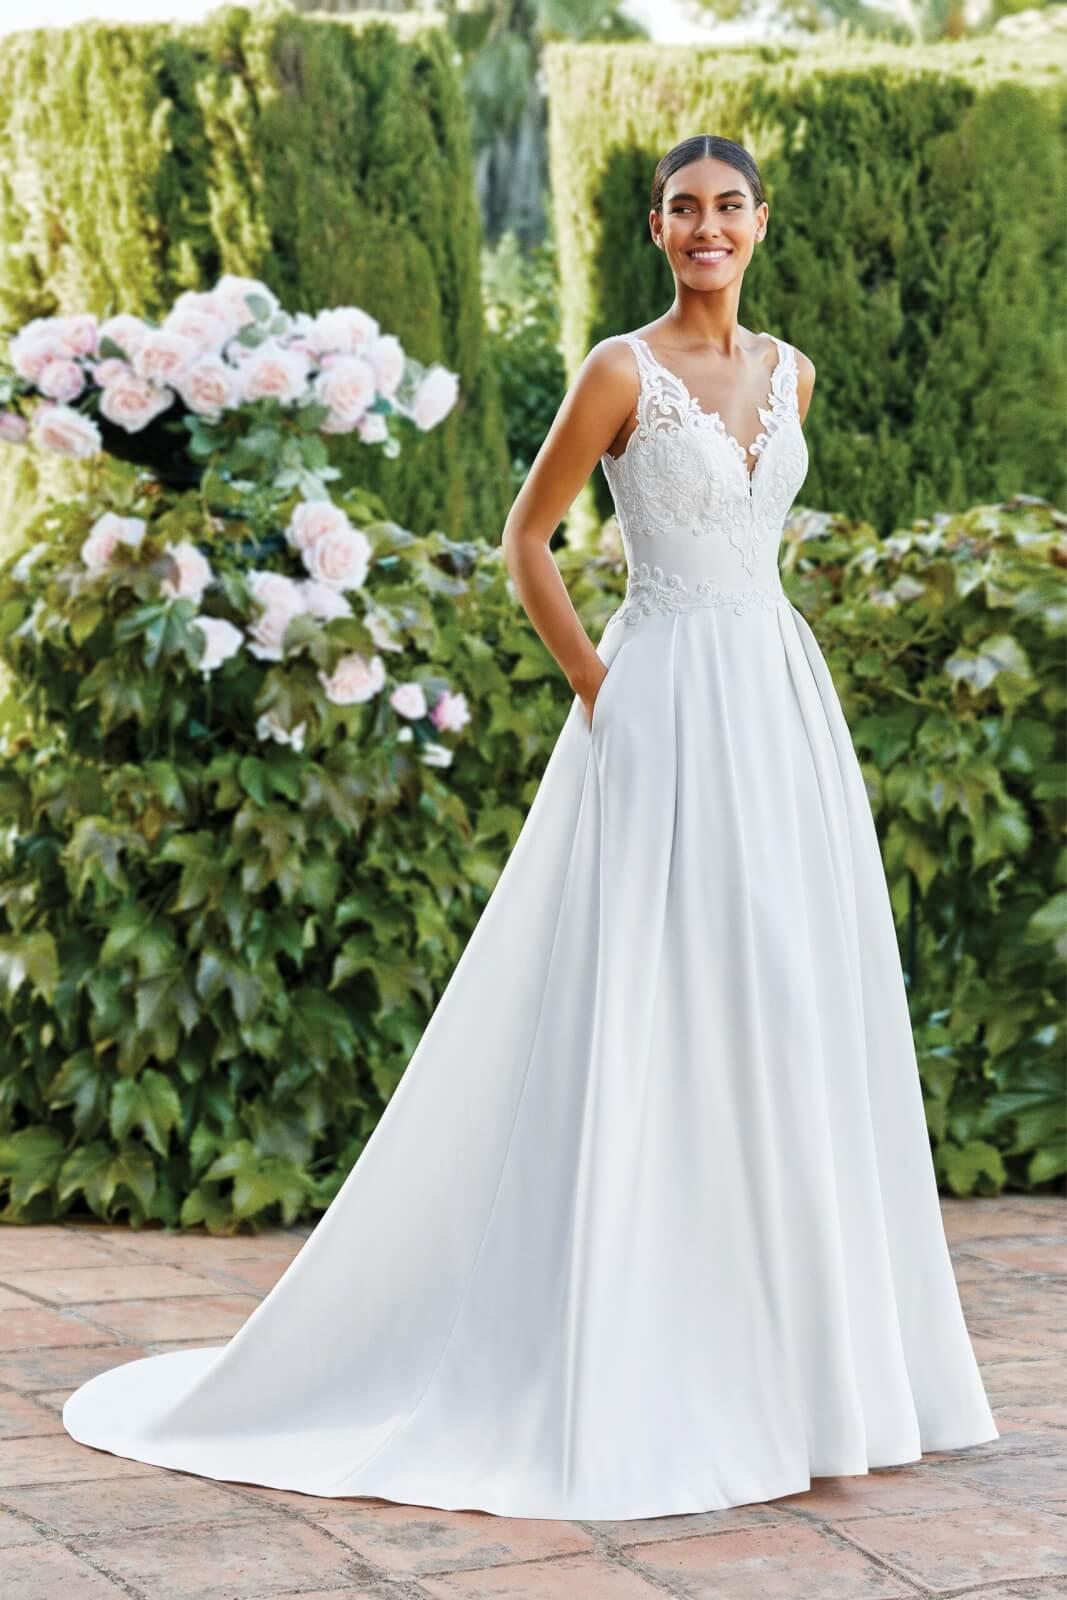 44191_FF_Sincerity-Bridal